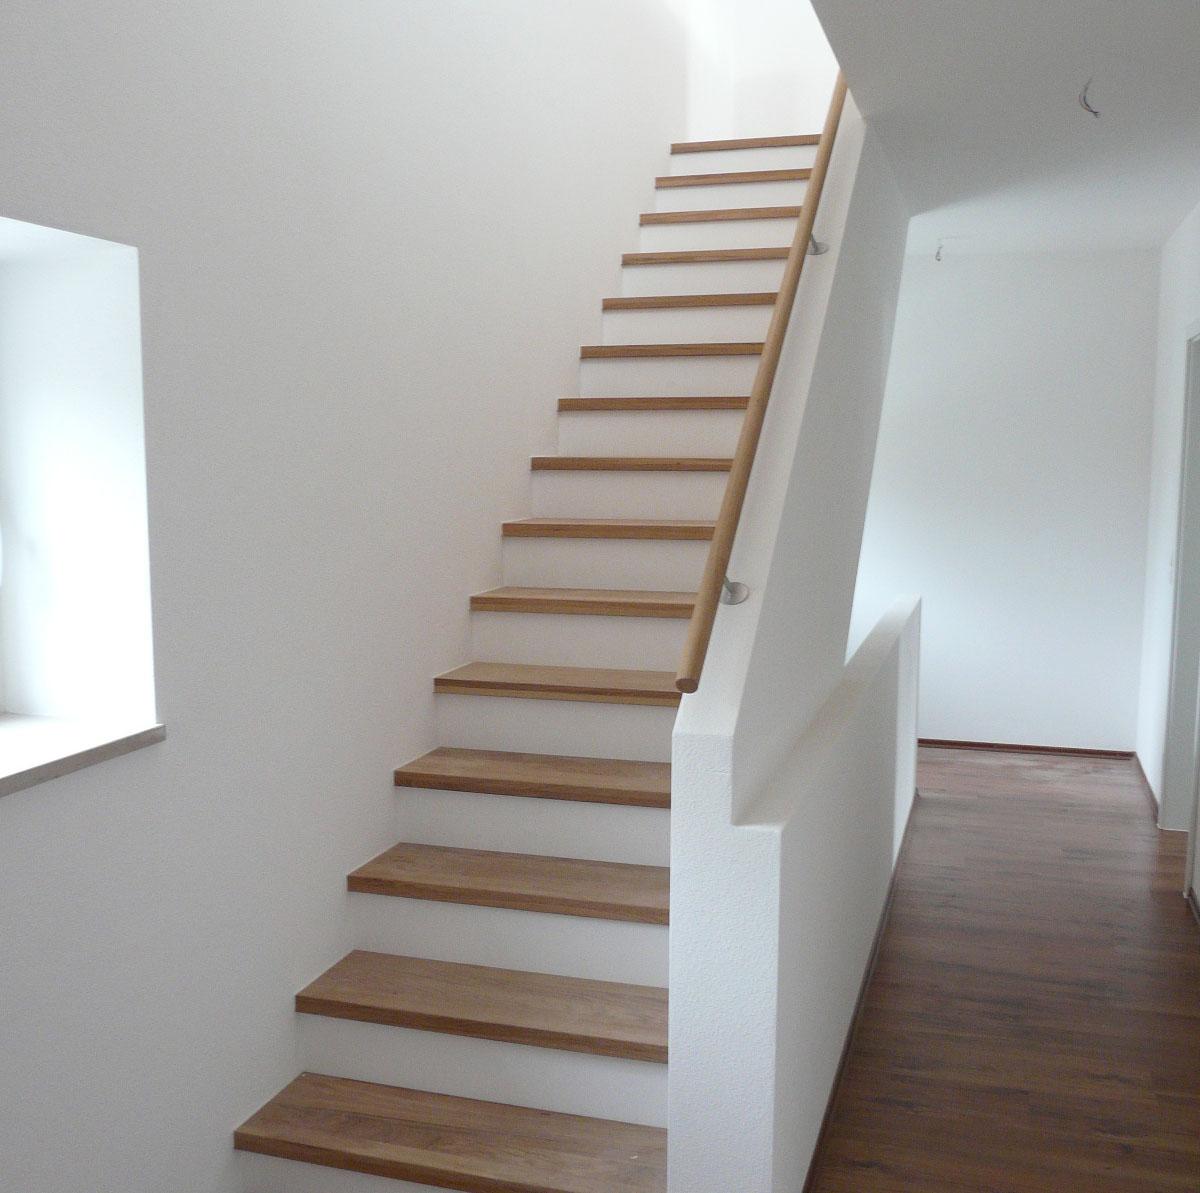 Neubau Einfamilienhaus Flachdach: Effizienzhäuser 55, Kaufbeuren